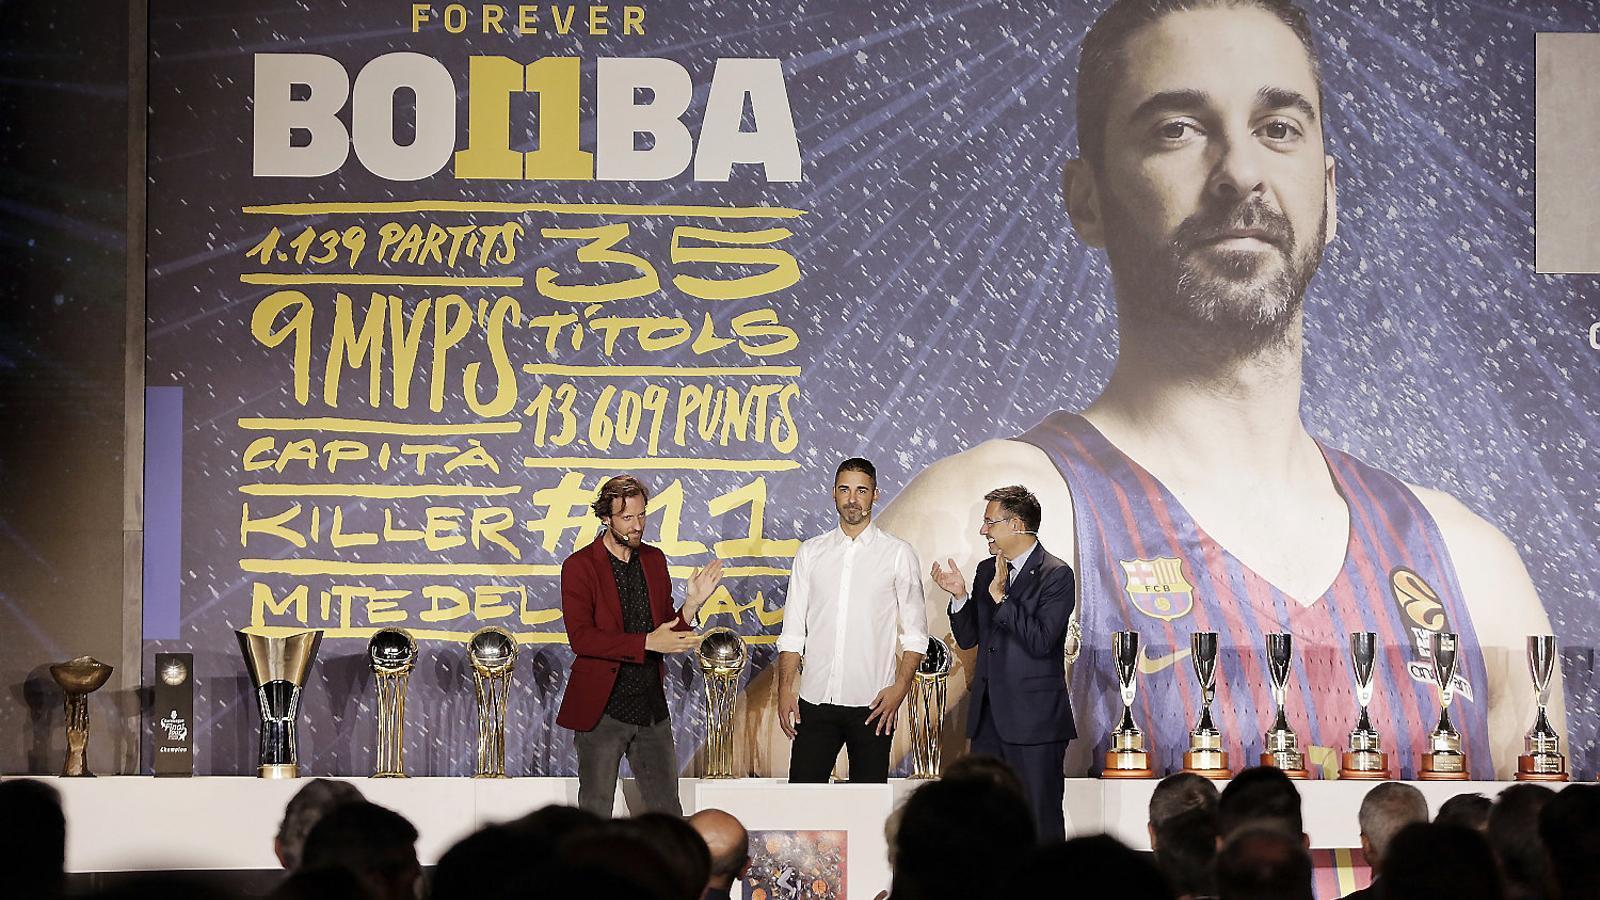 Una estàtua recordarà el millor jugador de la història del Barça